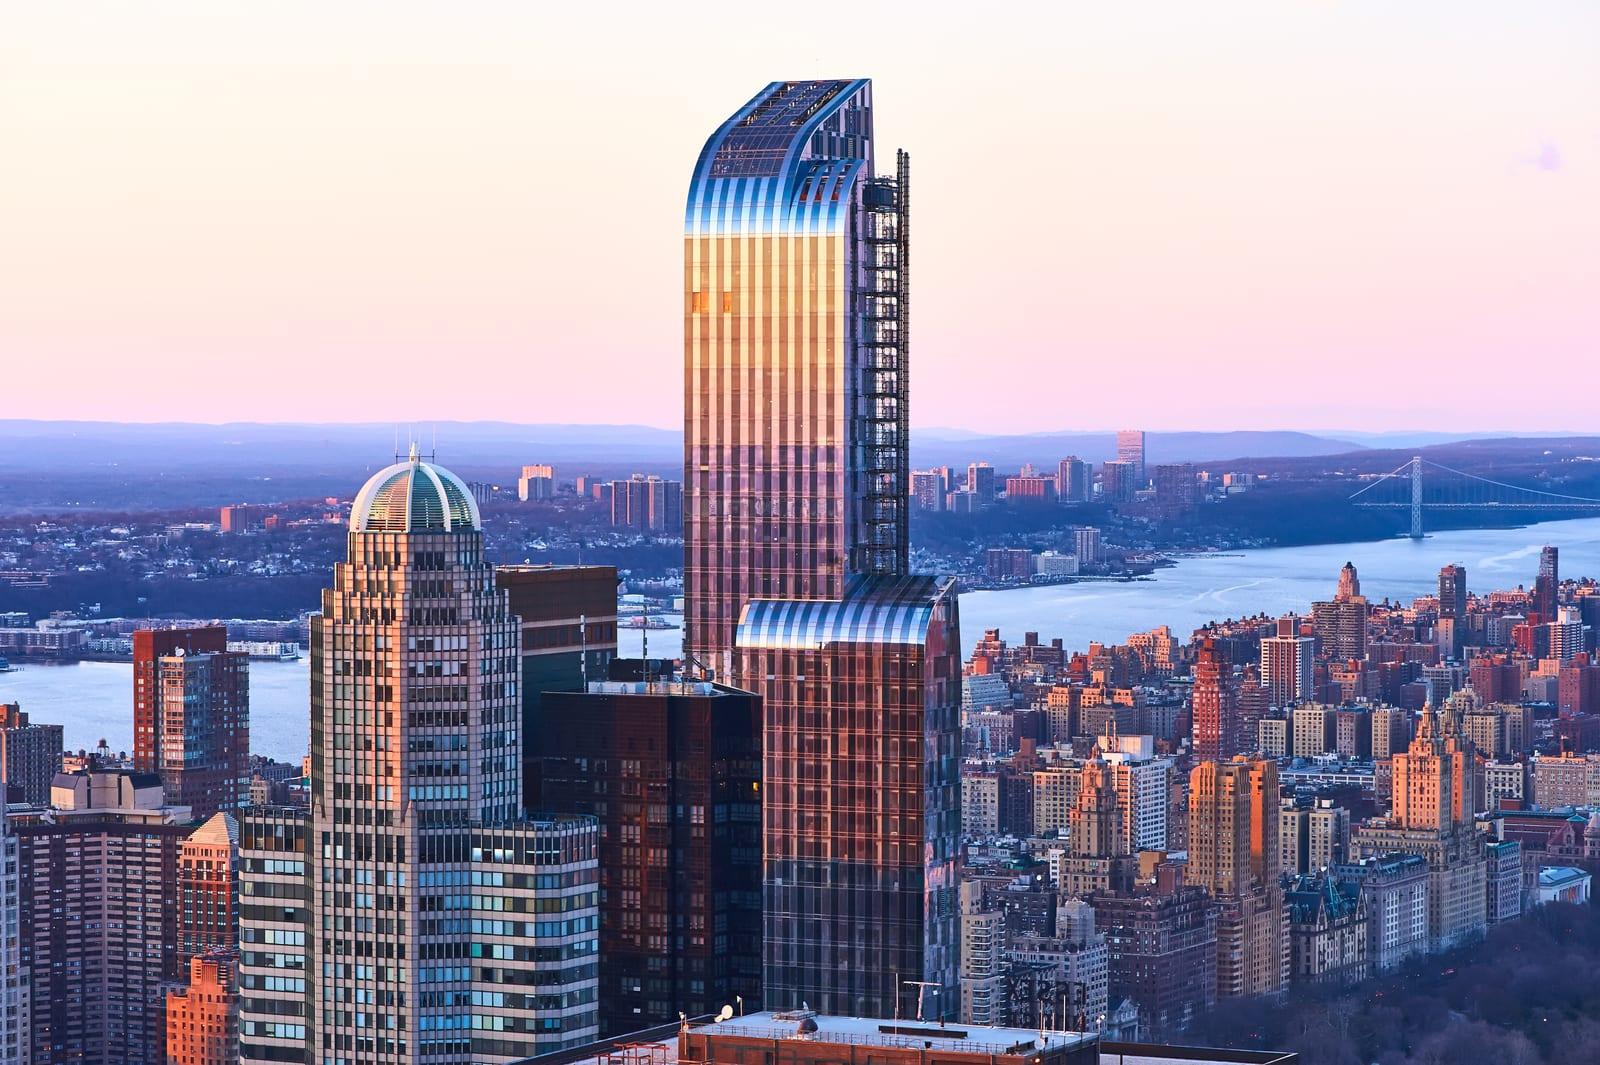 Tenderloin Manhattan, NY Private Investigator